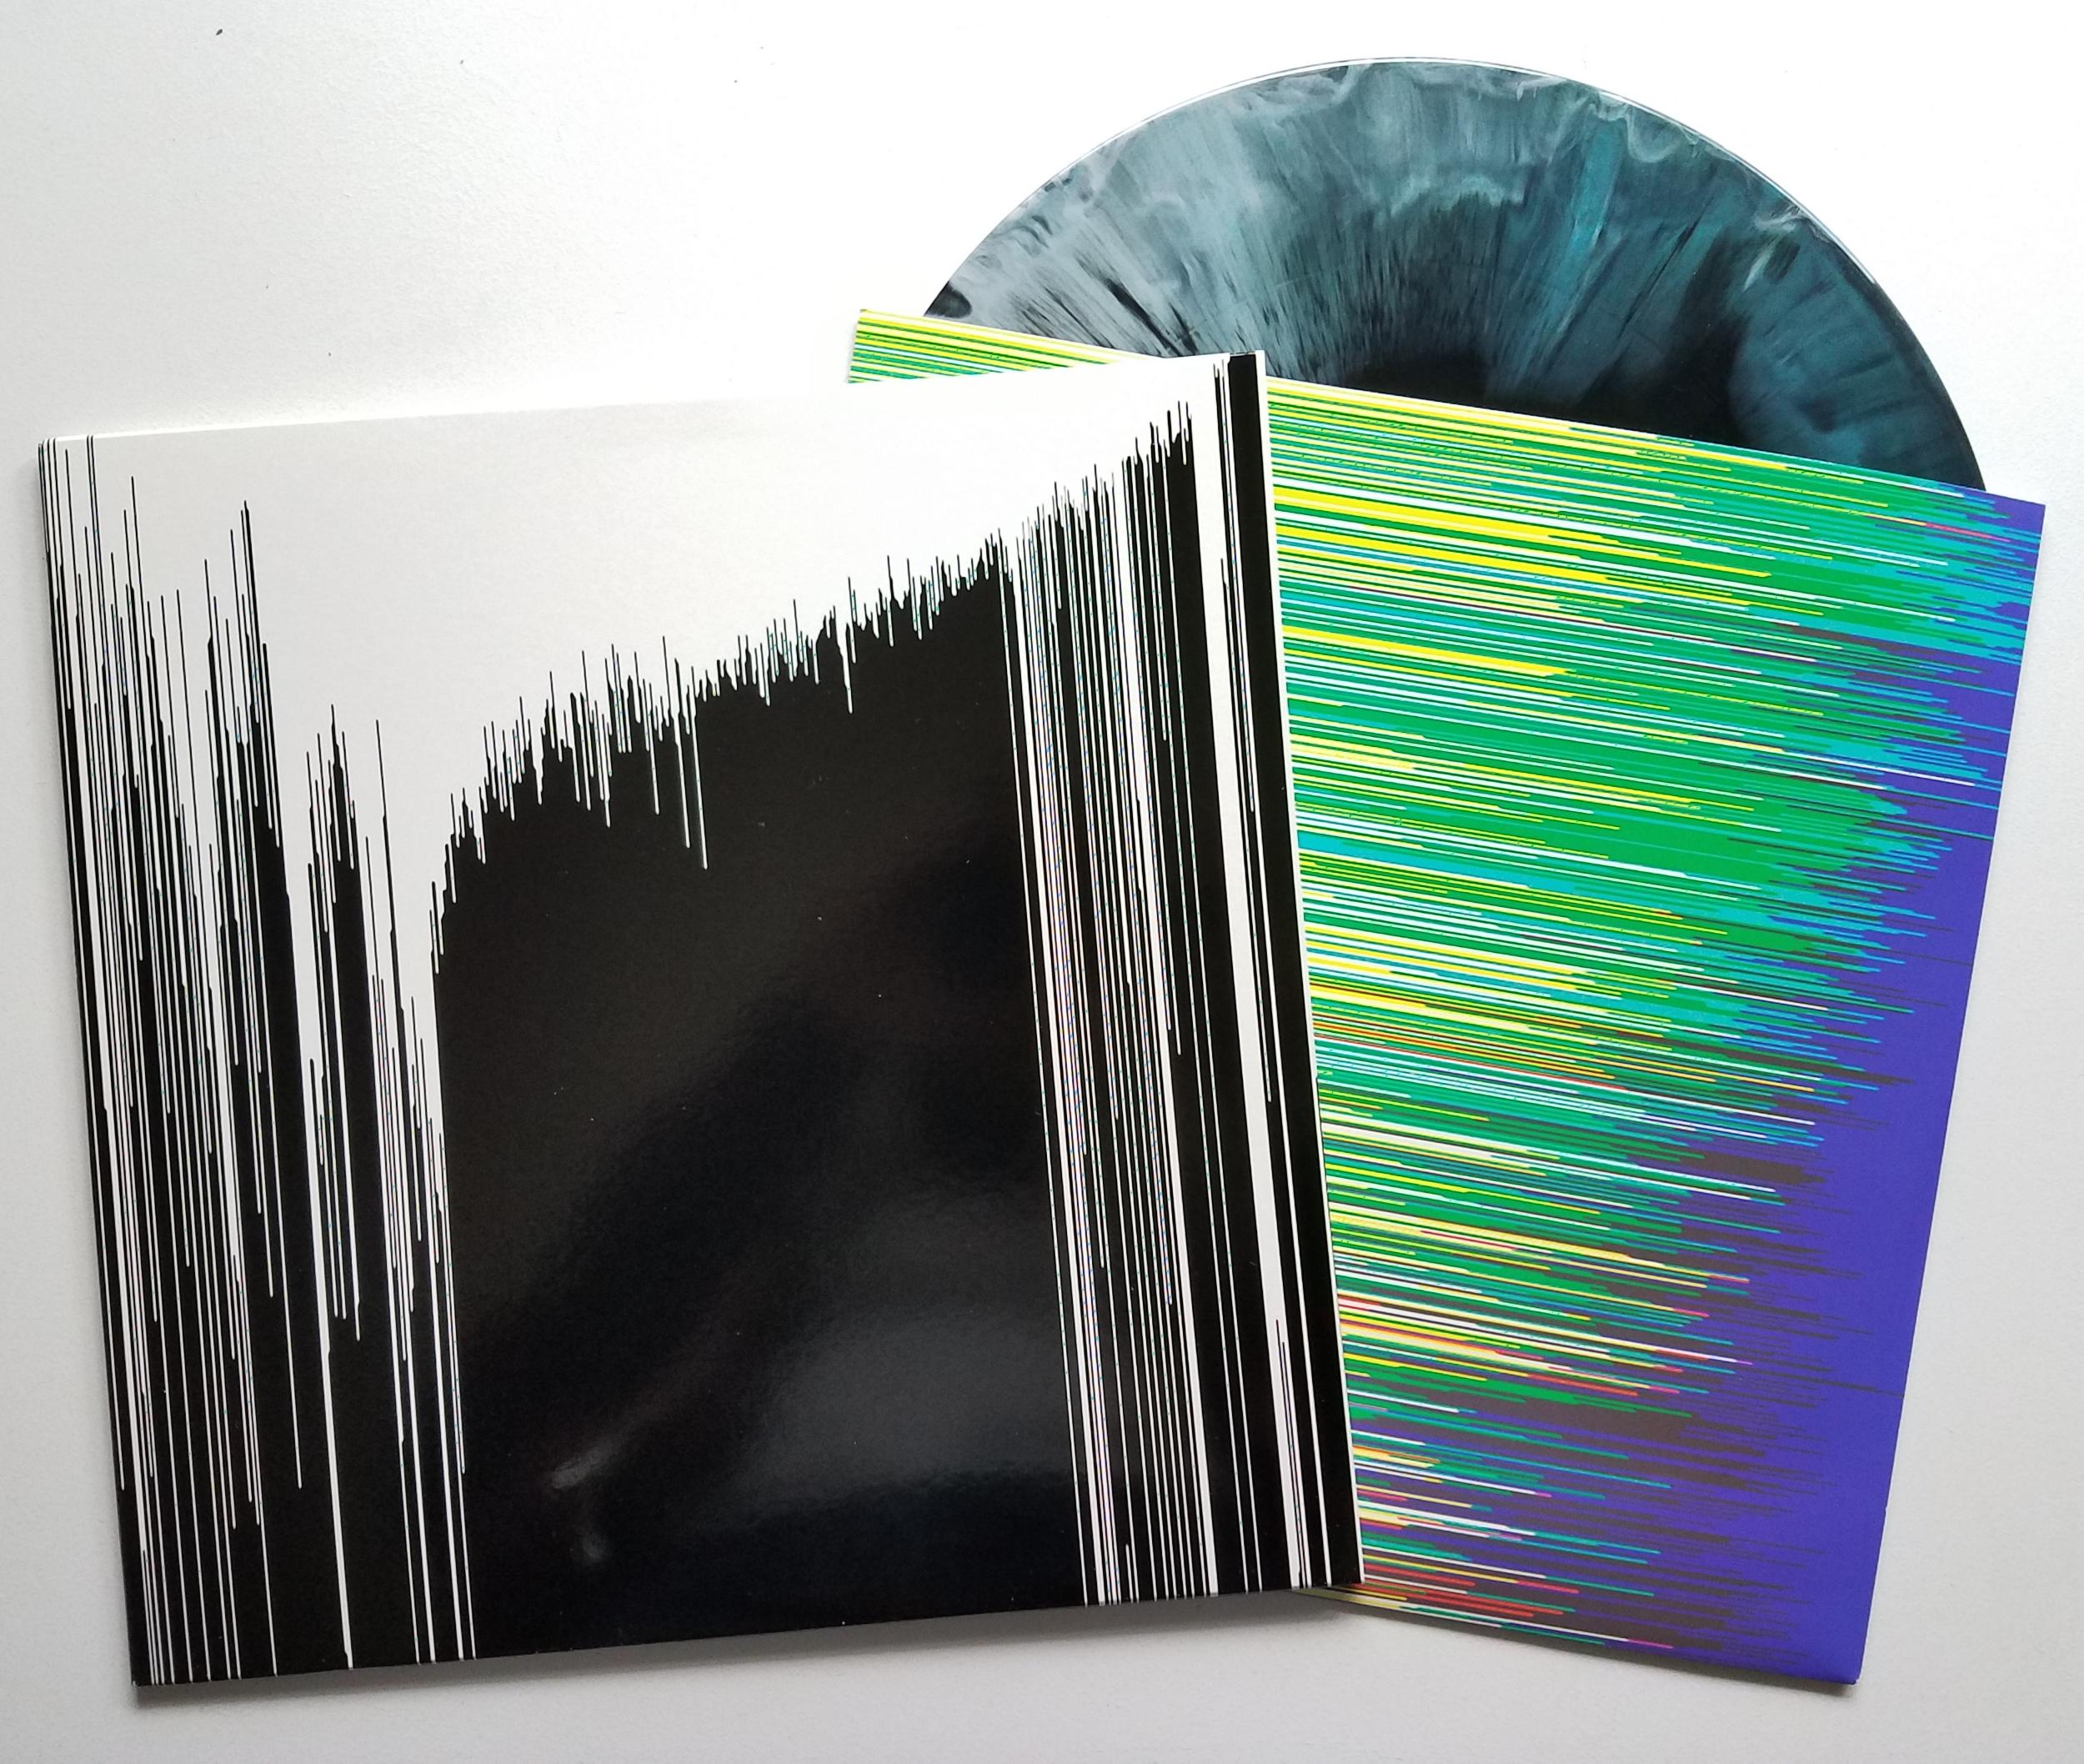 Flaming Lips / Lightning Bolt - Split 2xLP (Random color vinyl)